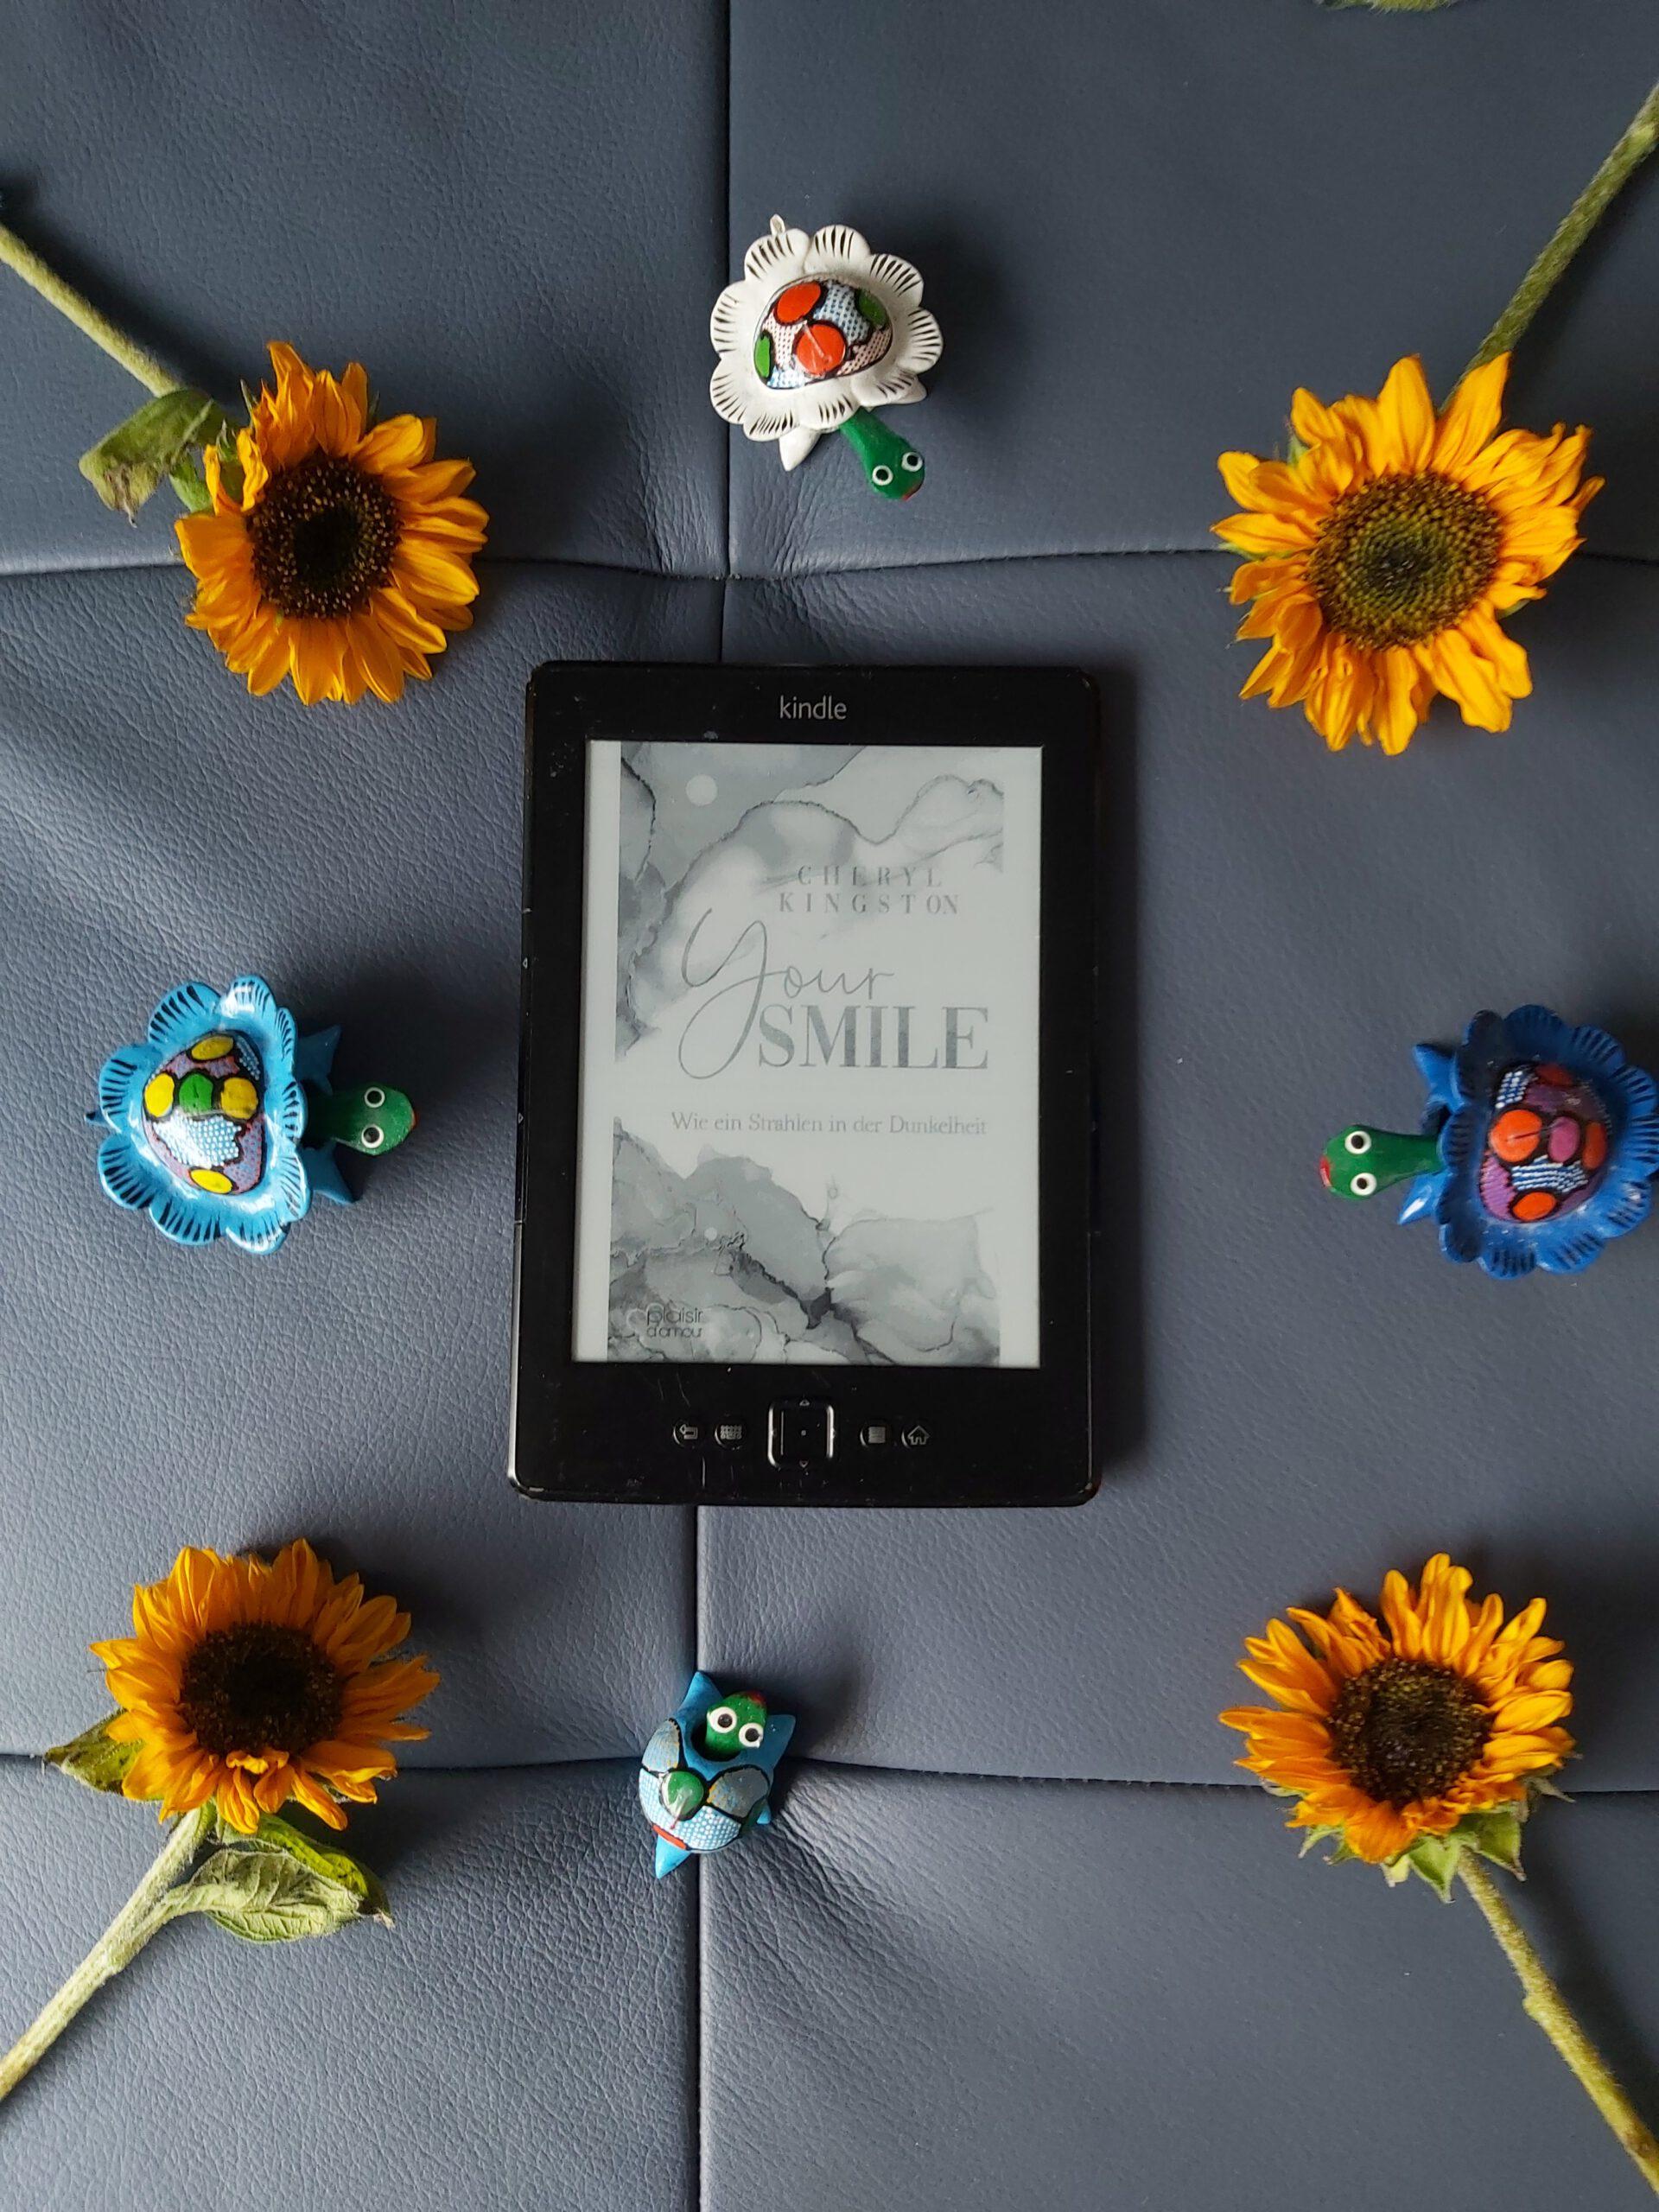 Rezension zu Your Smile – Wie ein Strahlen in der Dunkelheit